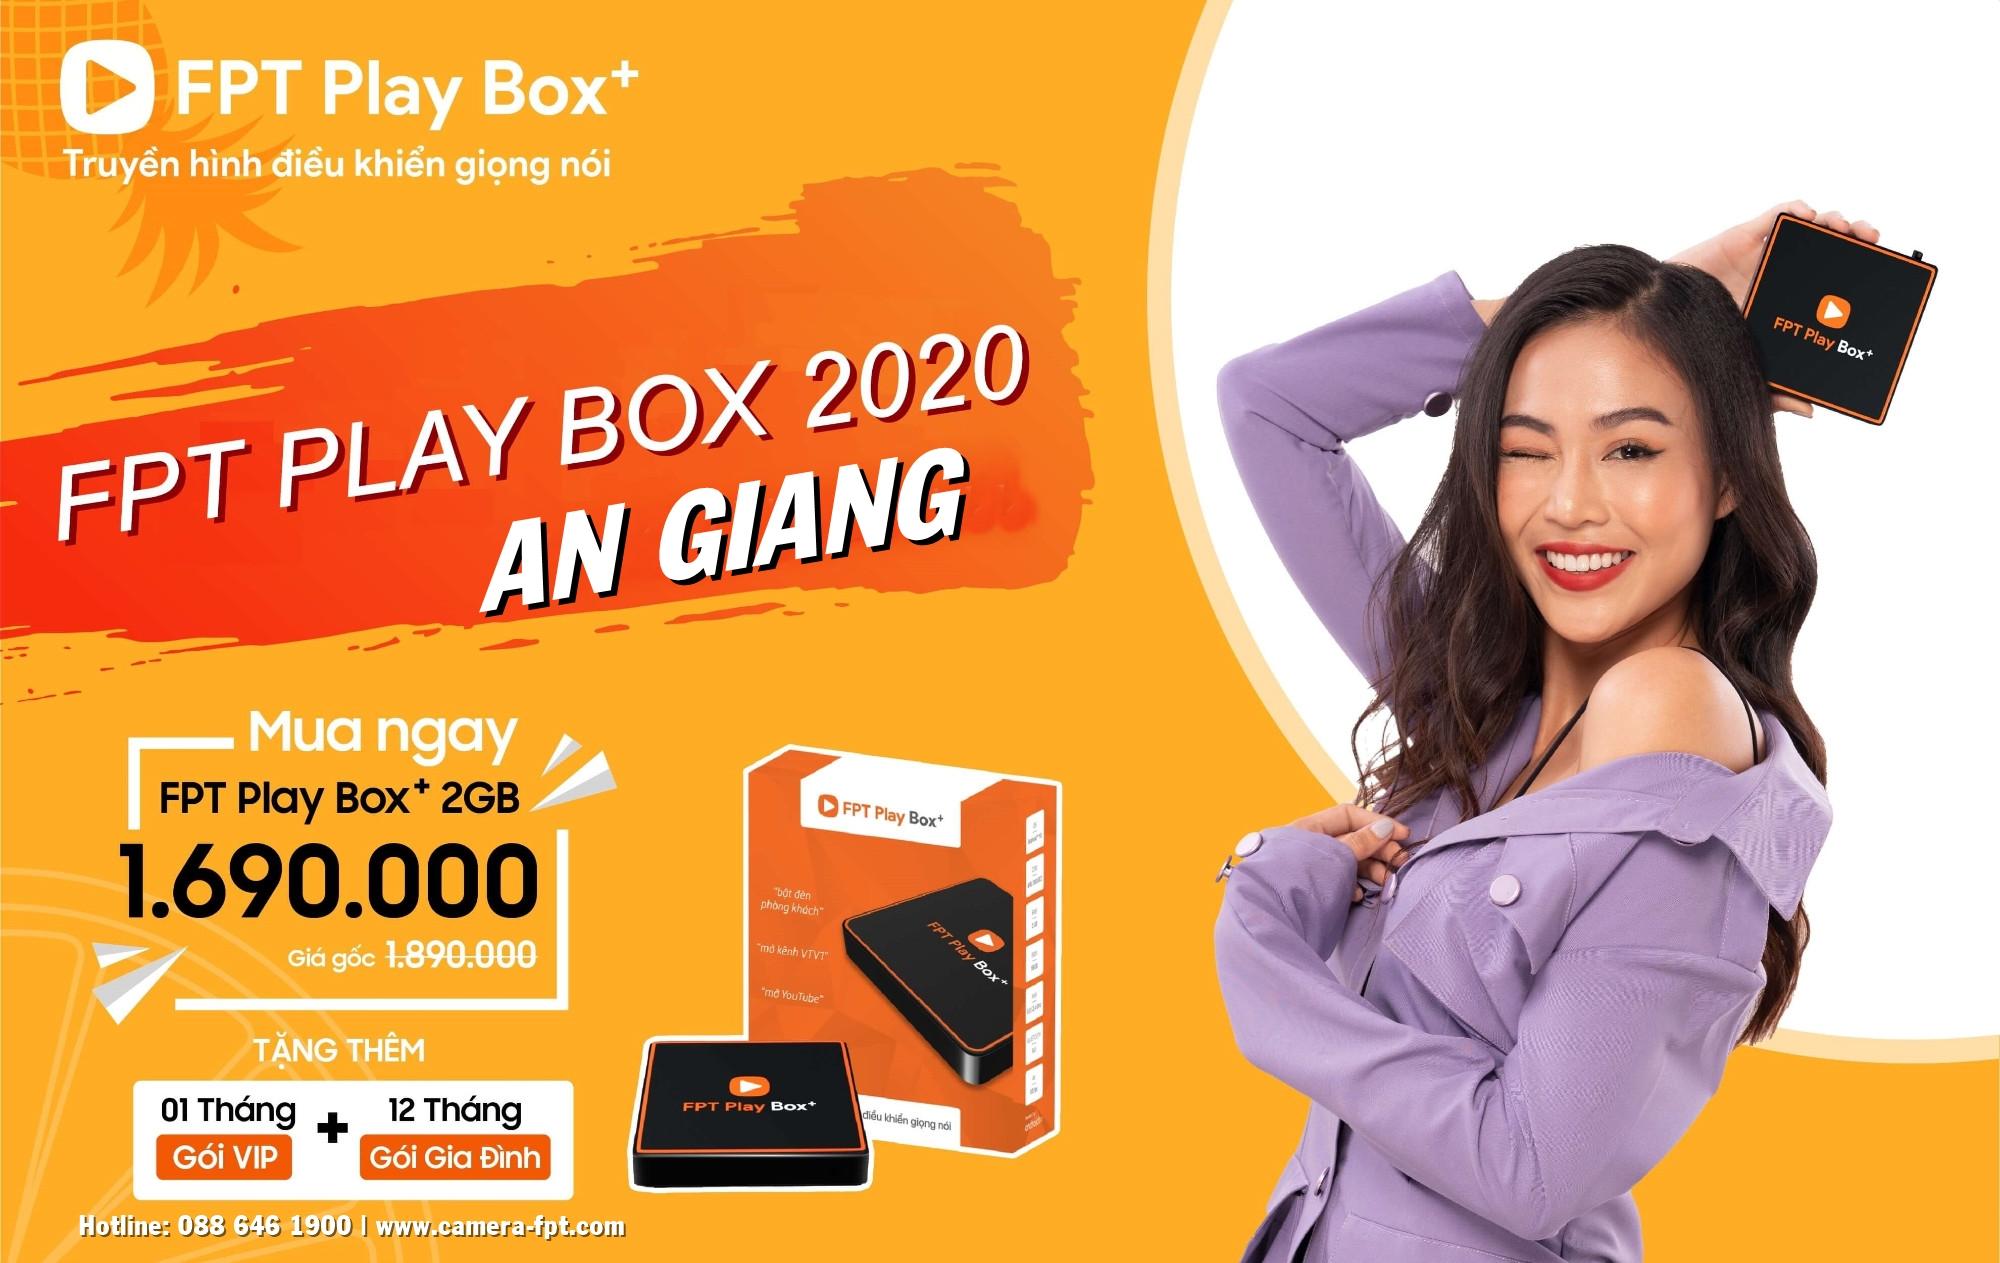 Mua FPT Play BOX tại An Giang ✓ Xem truyền hình cáp miễn phí 12 tháng